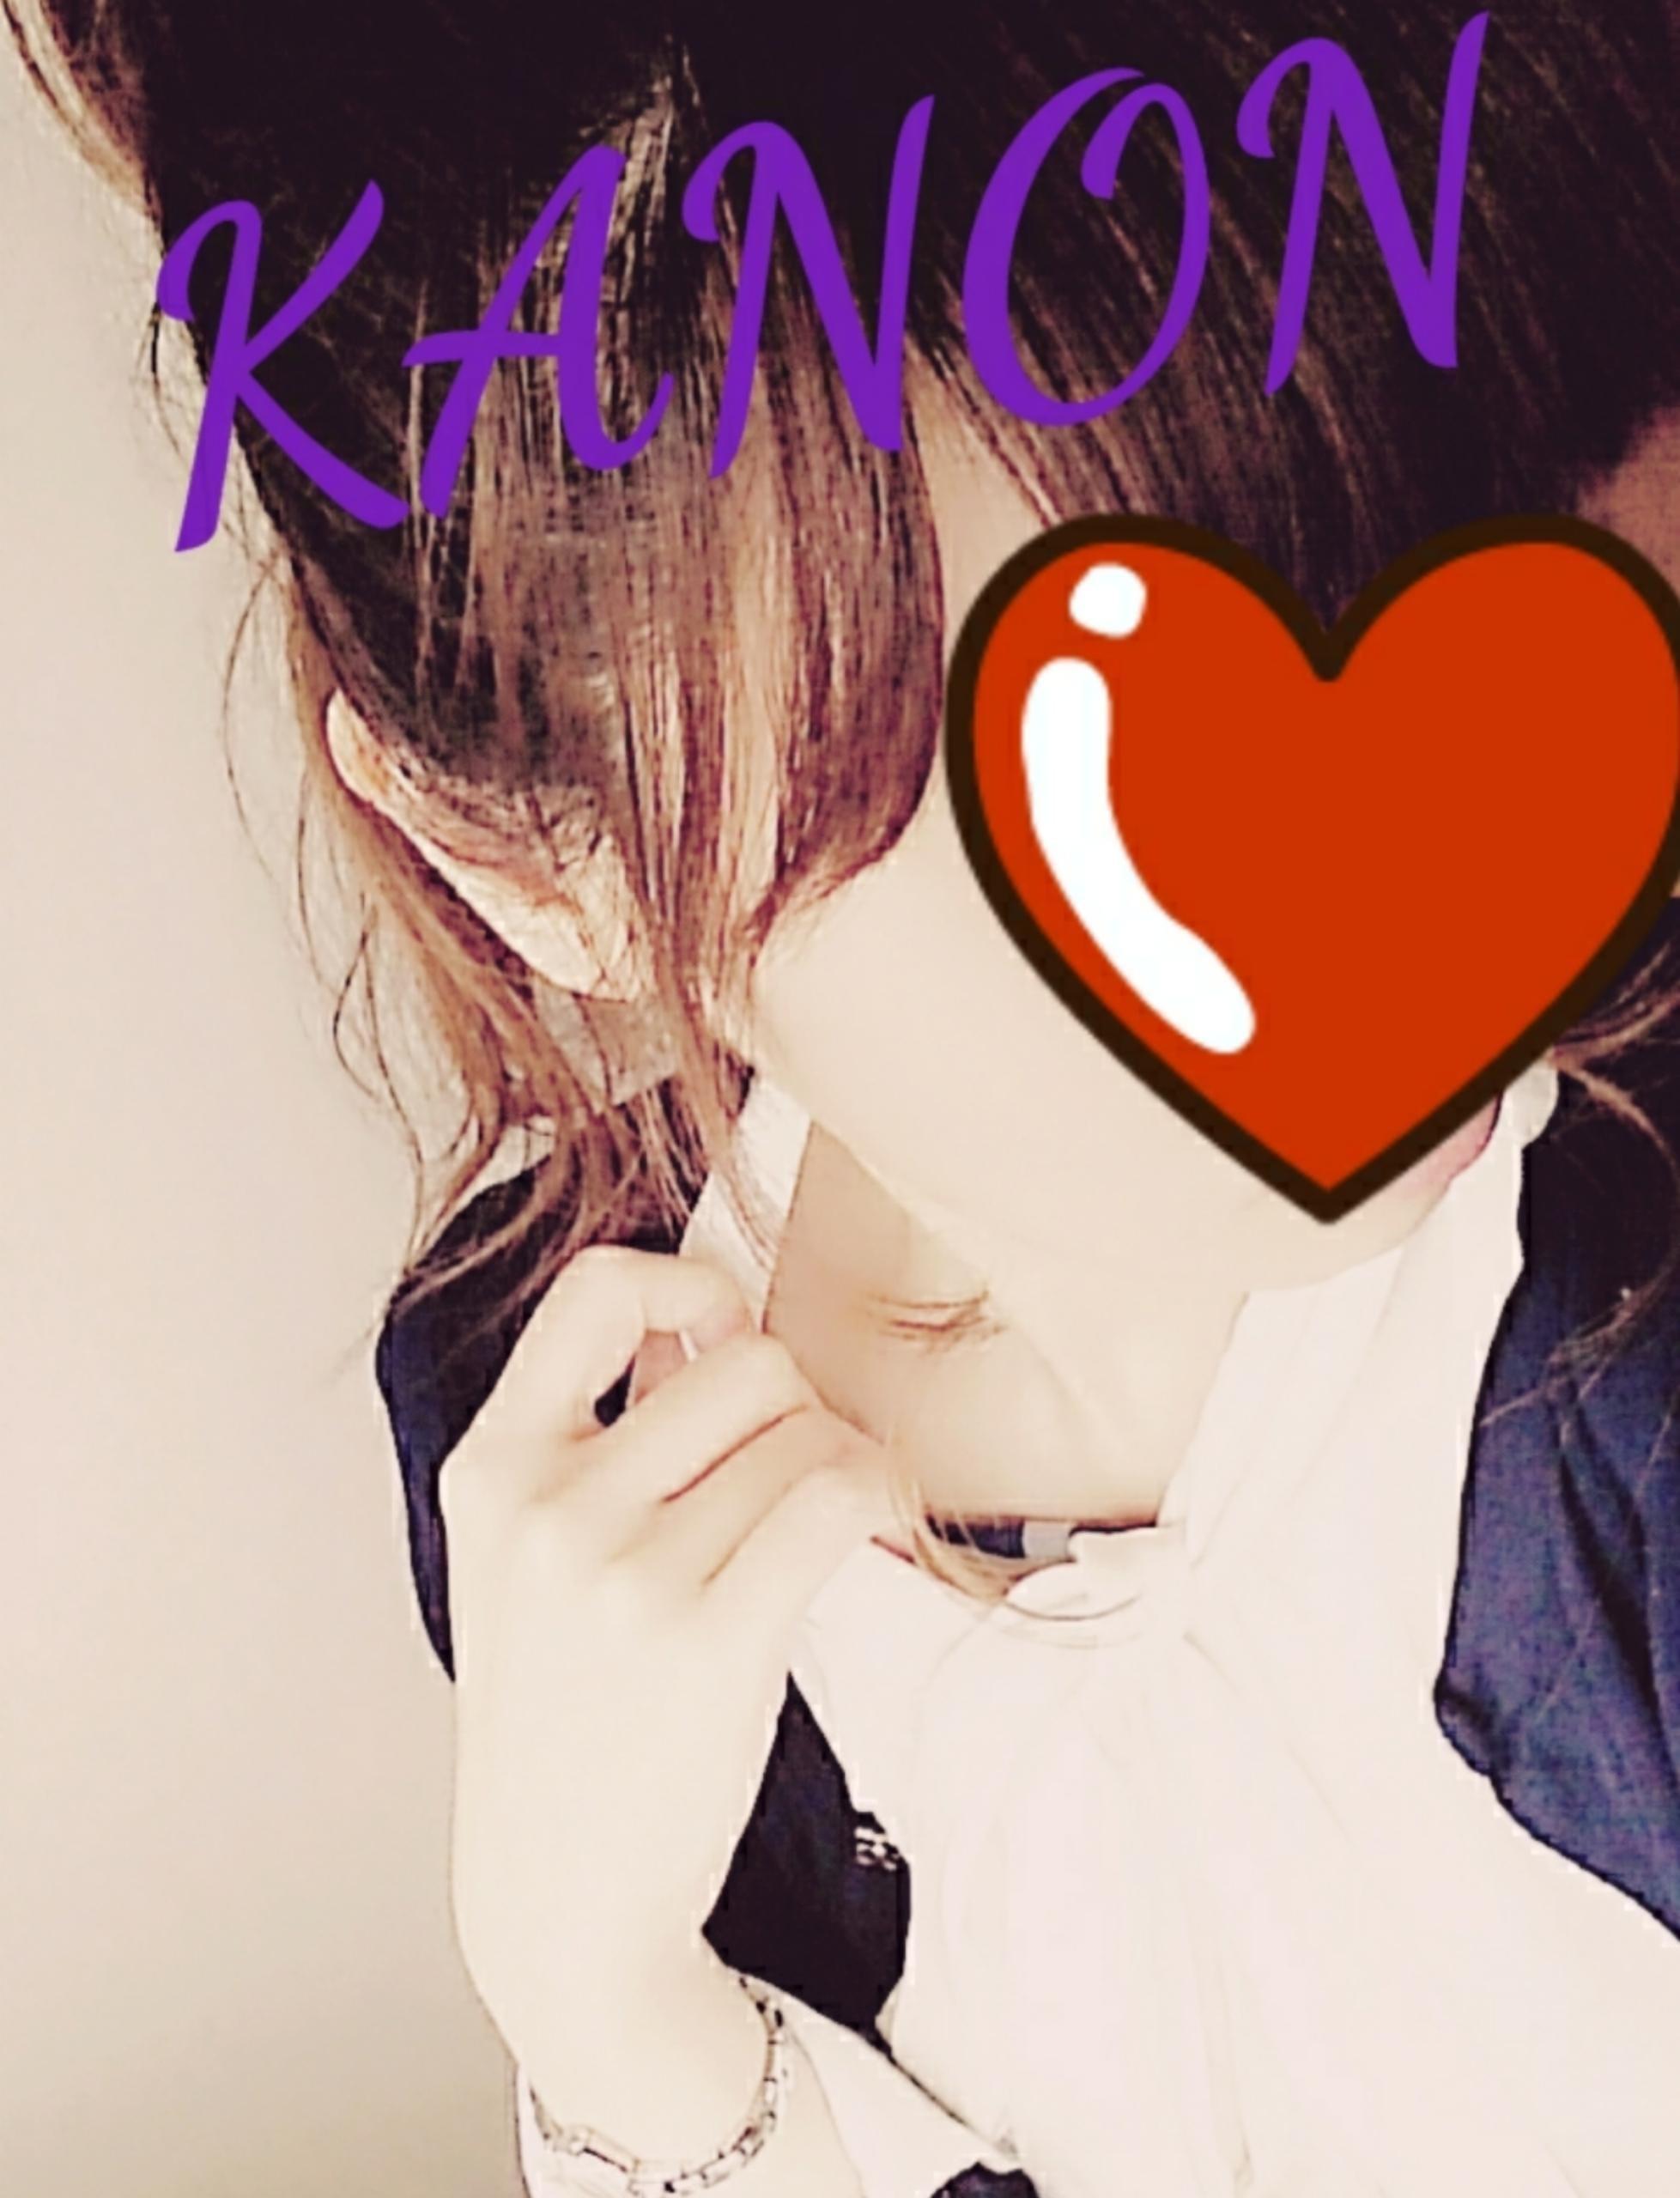 「暖かい☆」12/21(金) 14:23 | Kanon(LAclassの写メ・風俗動画